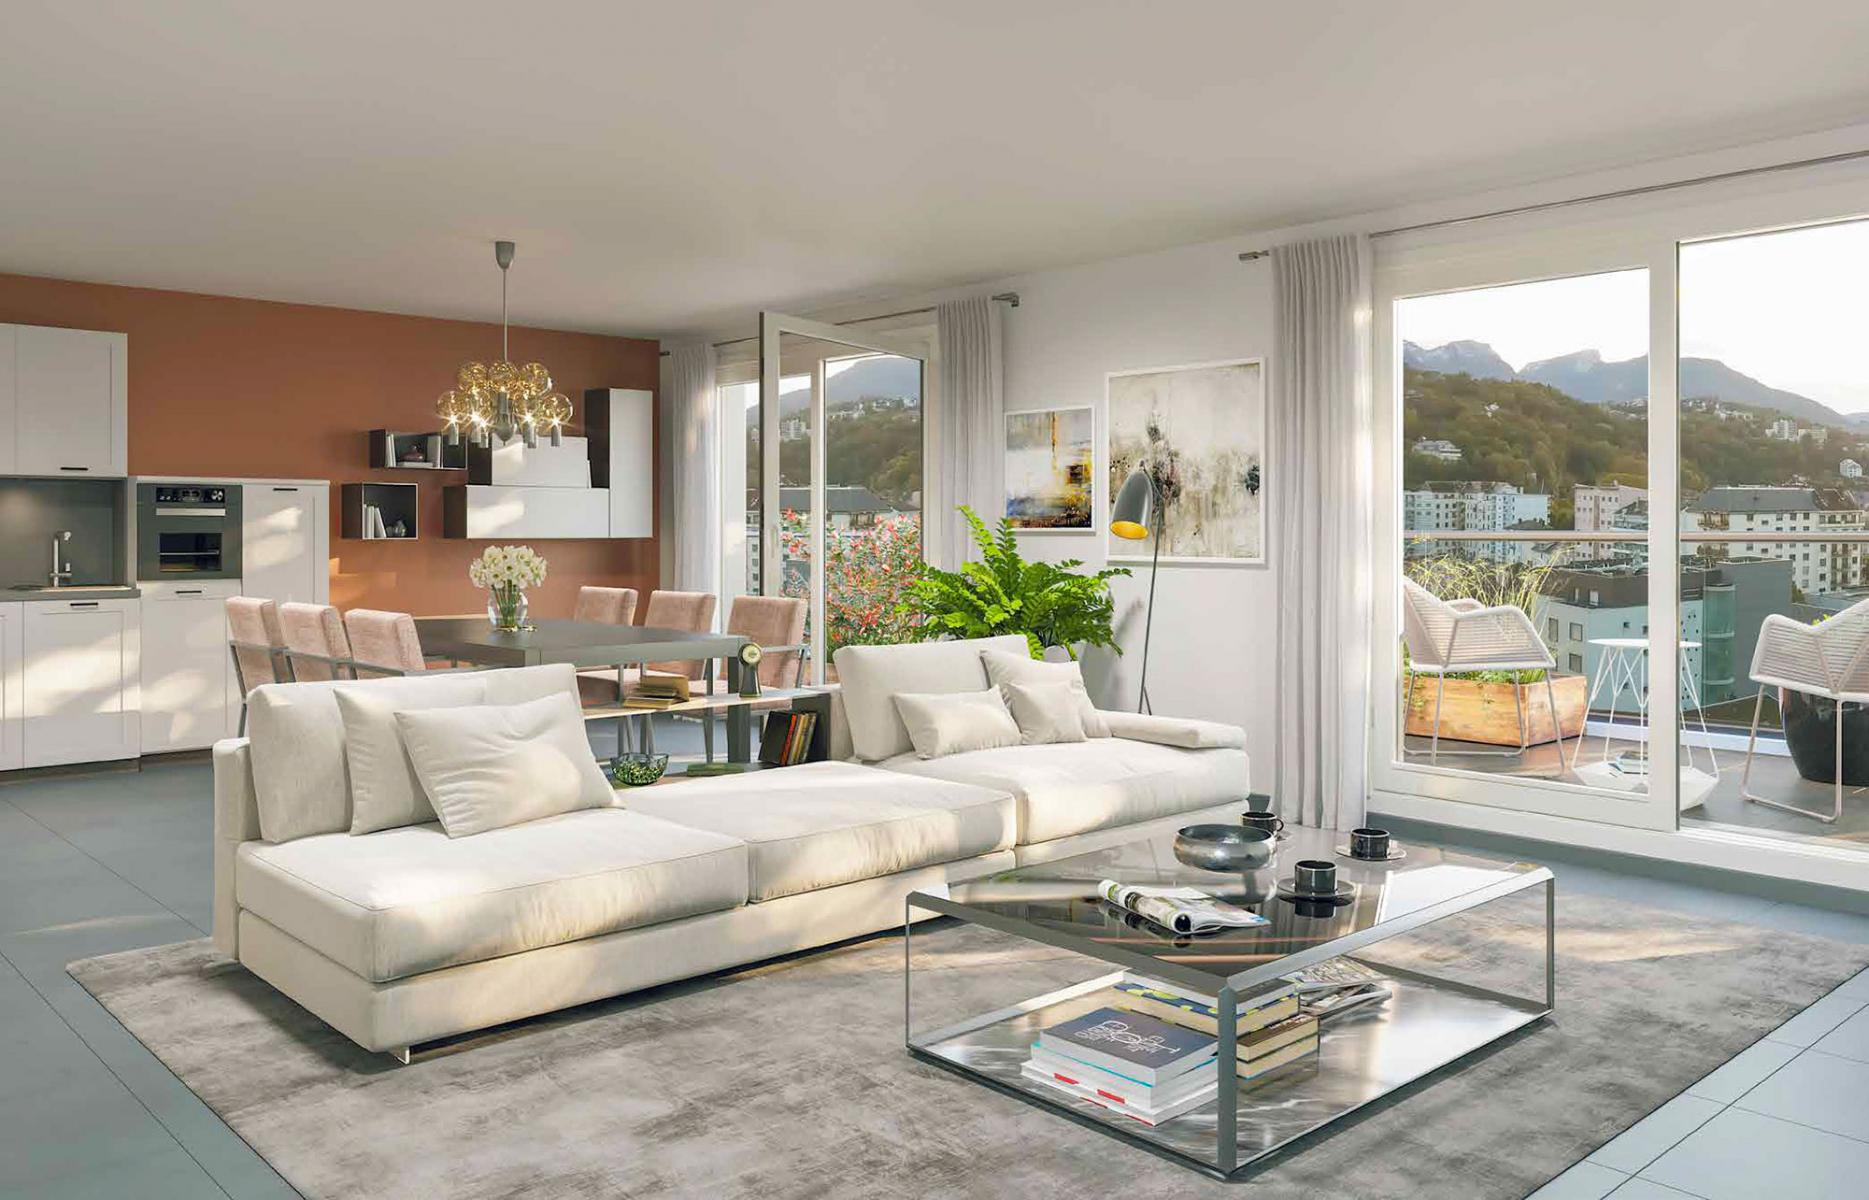 Programme immobilier CO6 appartement à Chambery (73000) Proche Quai de la Rize